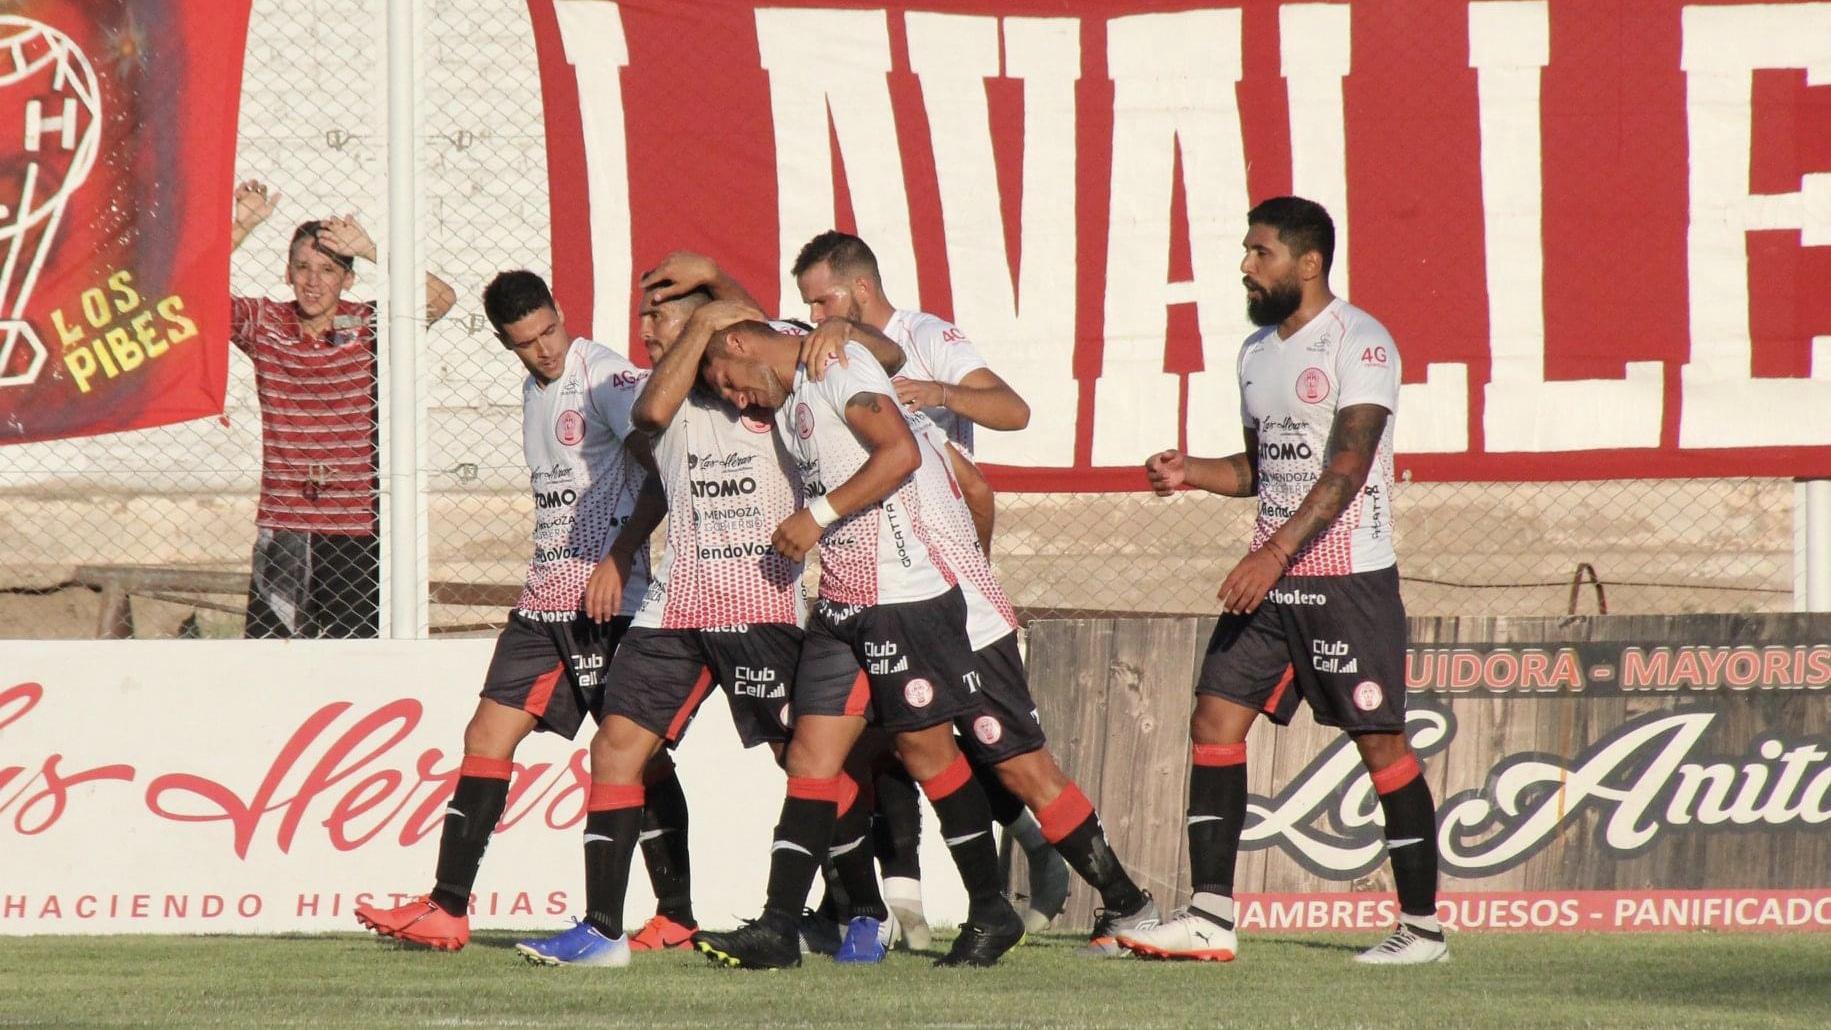 El Deportivo Maipú va en busca de un jugador de Huracán Las Heras